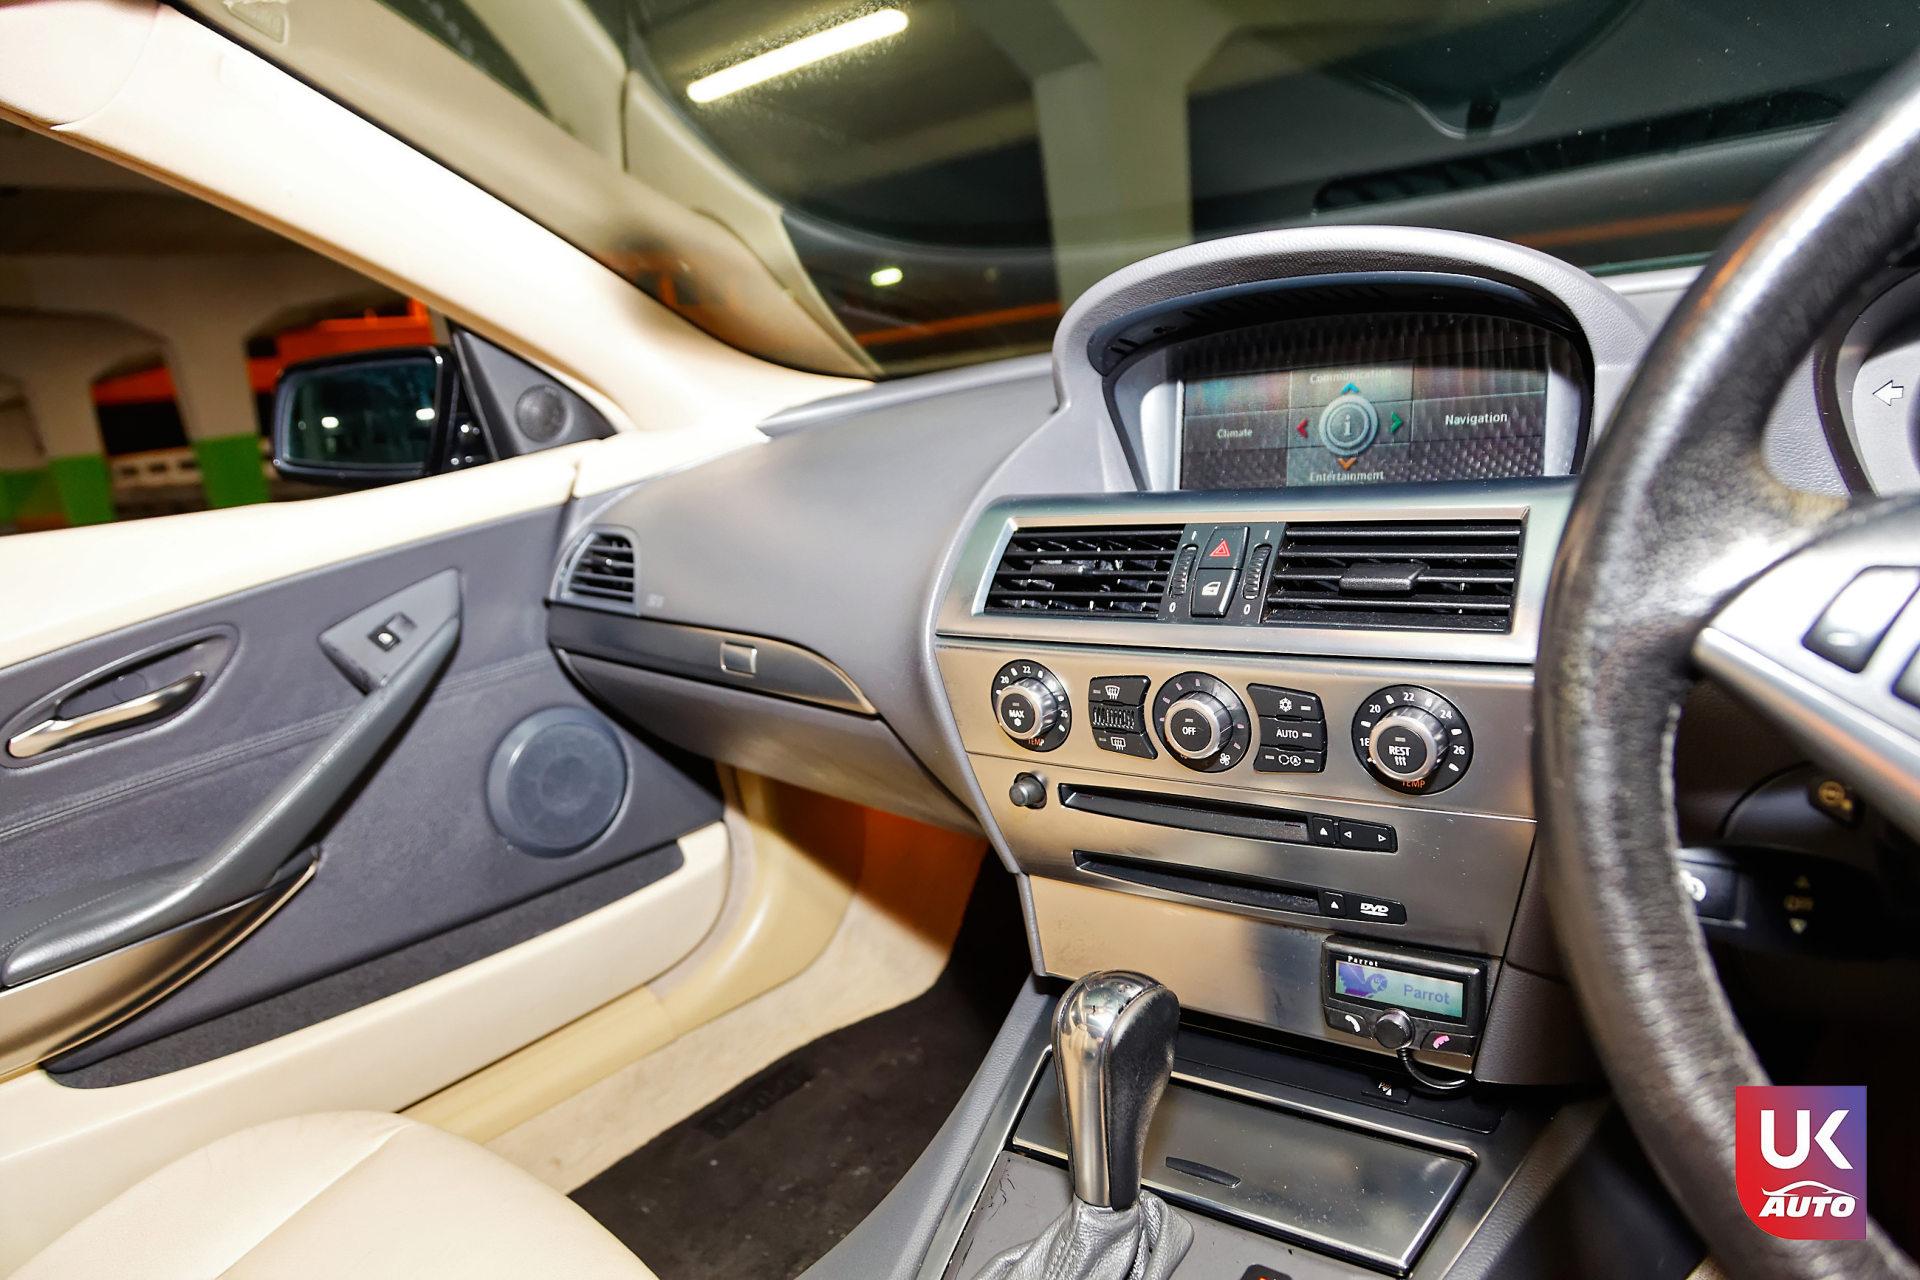 Bmw 645ci v8 import rhd bmw uk import rhd angleterre voiture anglaise bmw 645ci v88 DxO - BMW UK IMPORT BMW 645CI V8 ACHAT A LONDRES BMW IMPORT RHD FELICITATION A DAVID